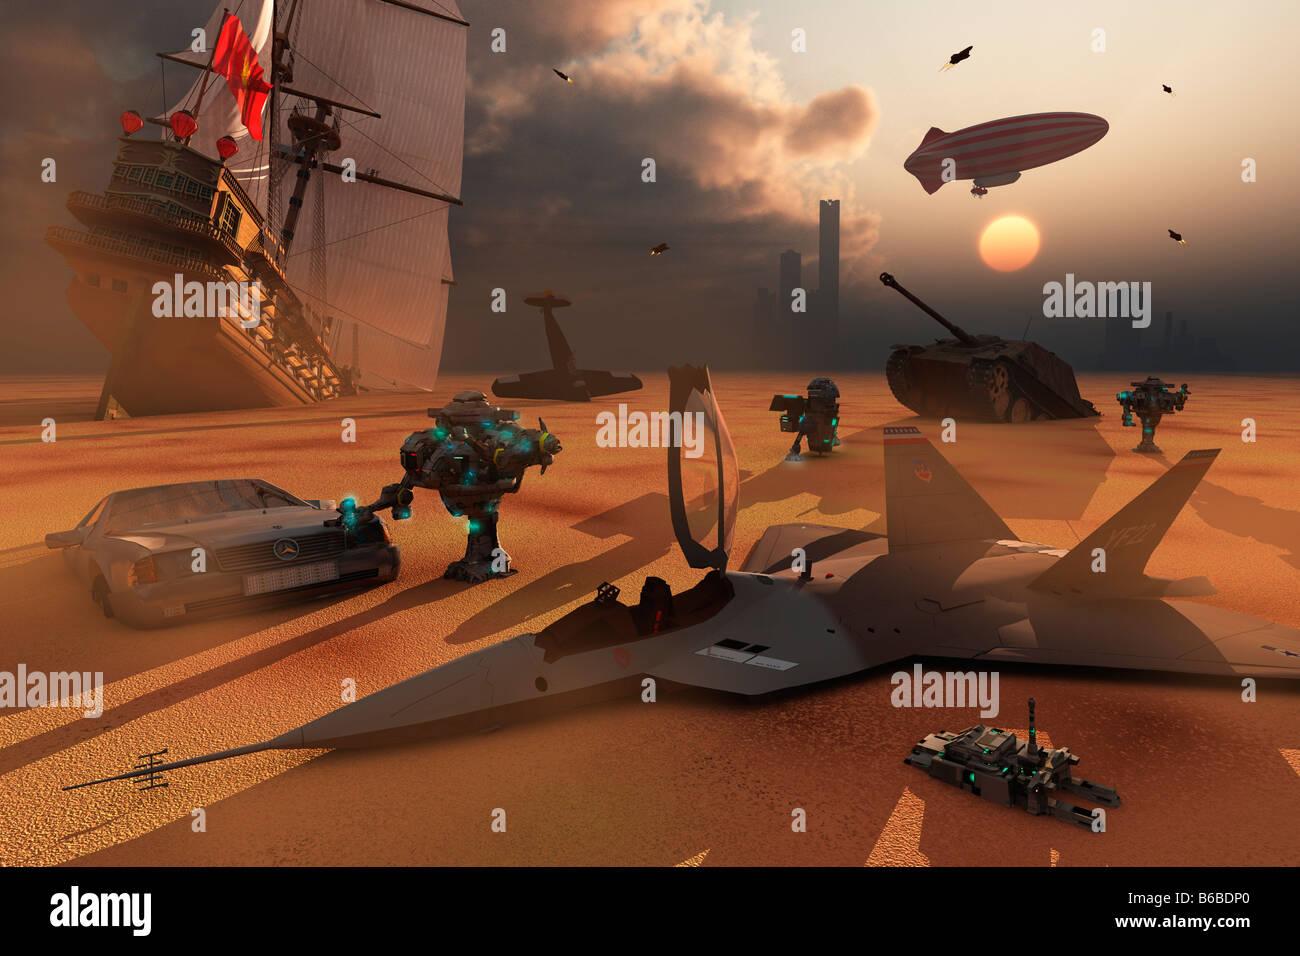 Colectores de Robot 3D de una imagen conceptual Imagen De Stock